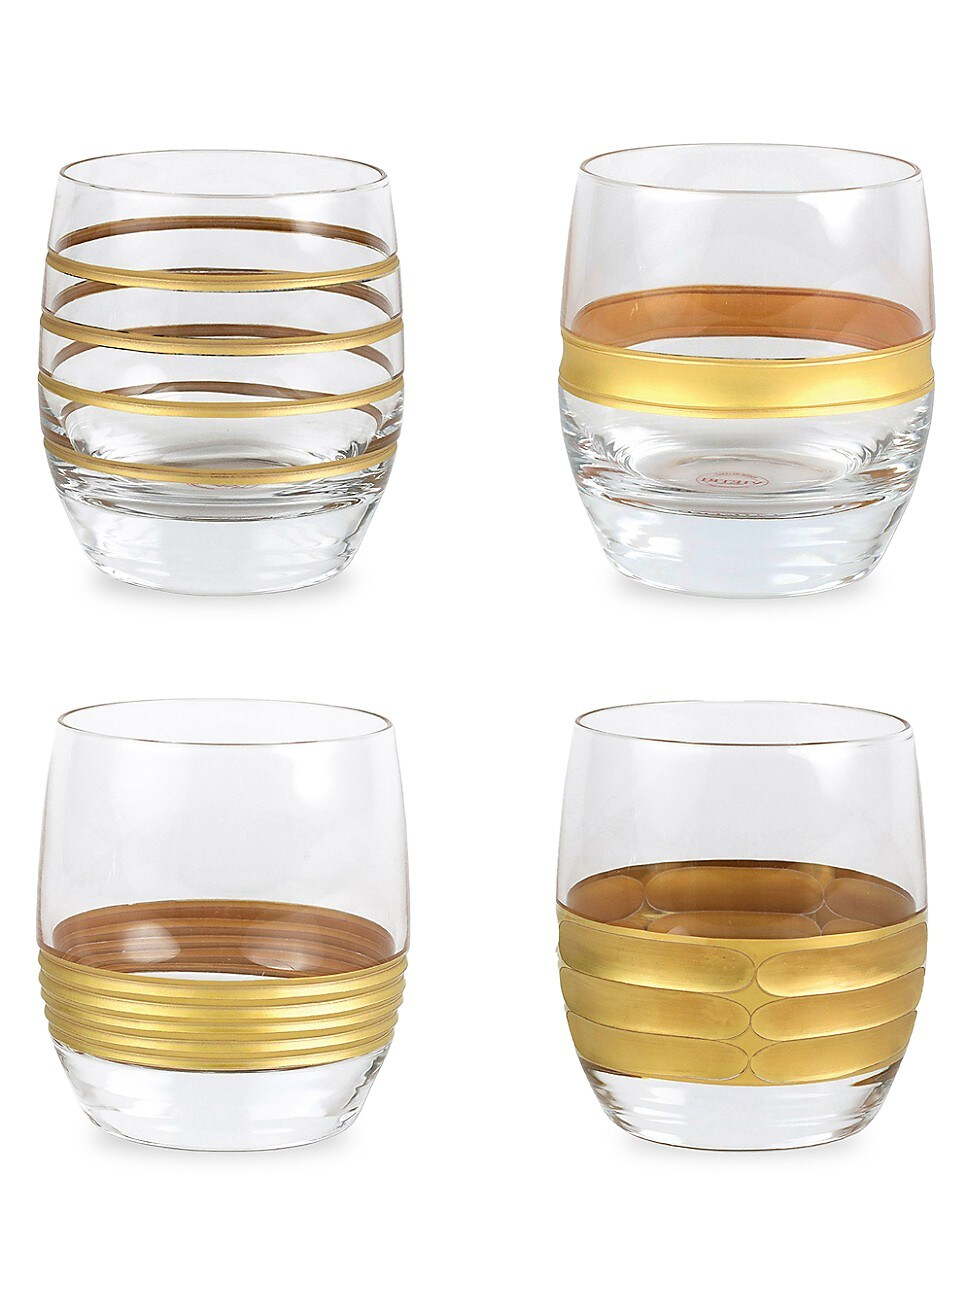 Vietri RAFFAELLO 4-PIECE ASSORTED DOUBLE OLD FASHIONED GLASS SET